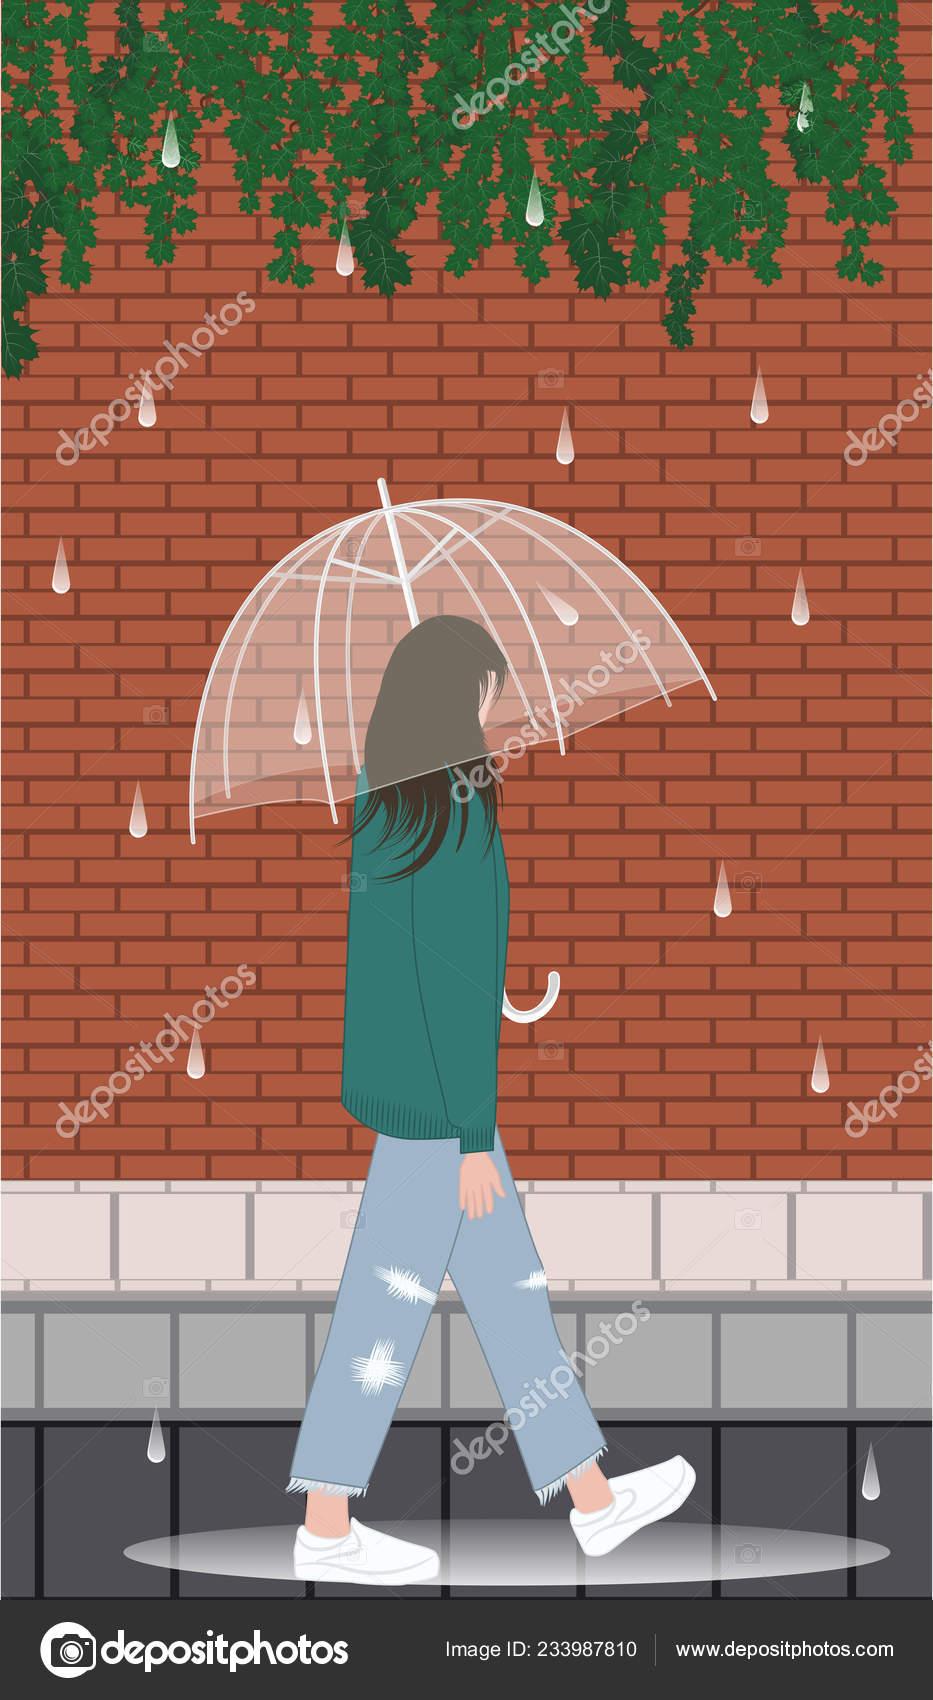 5bac3adafb9 Με τα πόδια κάτω από τη βροχή. Κορίτσι, διάφανη ομπρέλα, σκισμένα τζιν,  αθλητικά παπούτσια, λακκούβες - διάνυσμα — Διάνυσμα με  istorsvetlana.mail.ru| ...